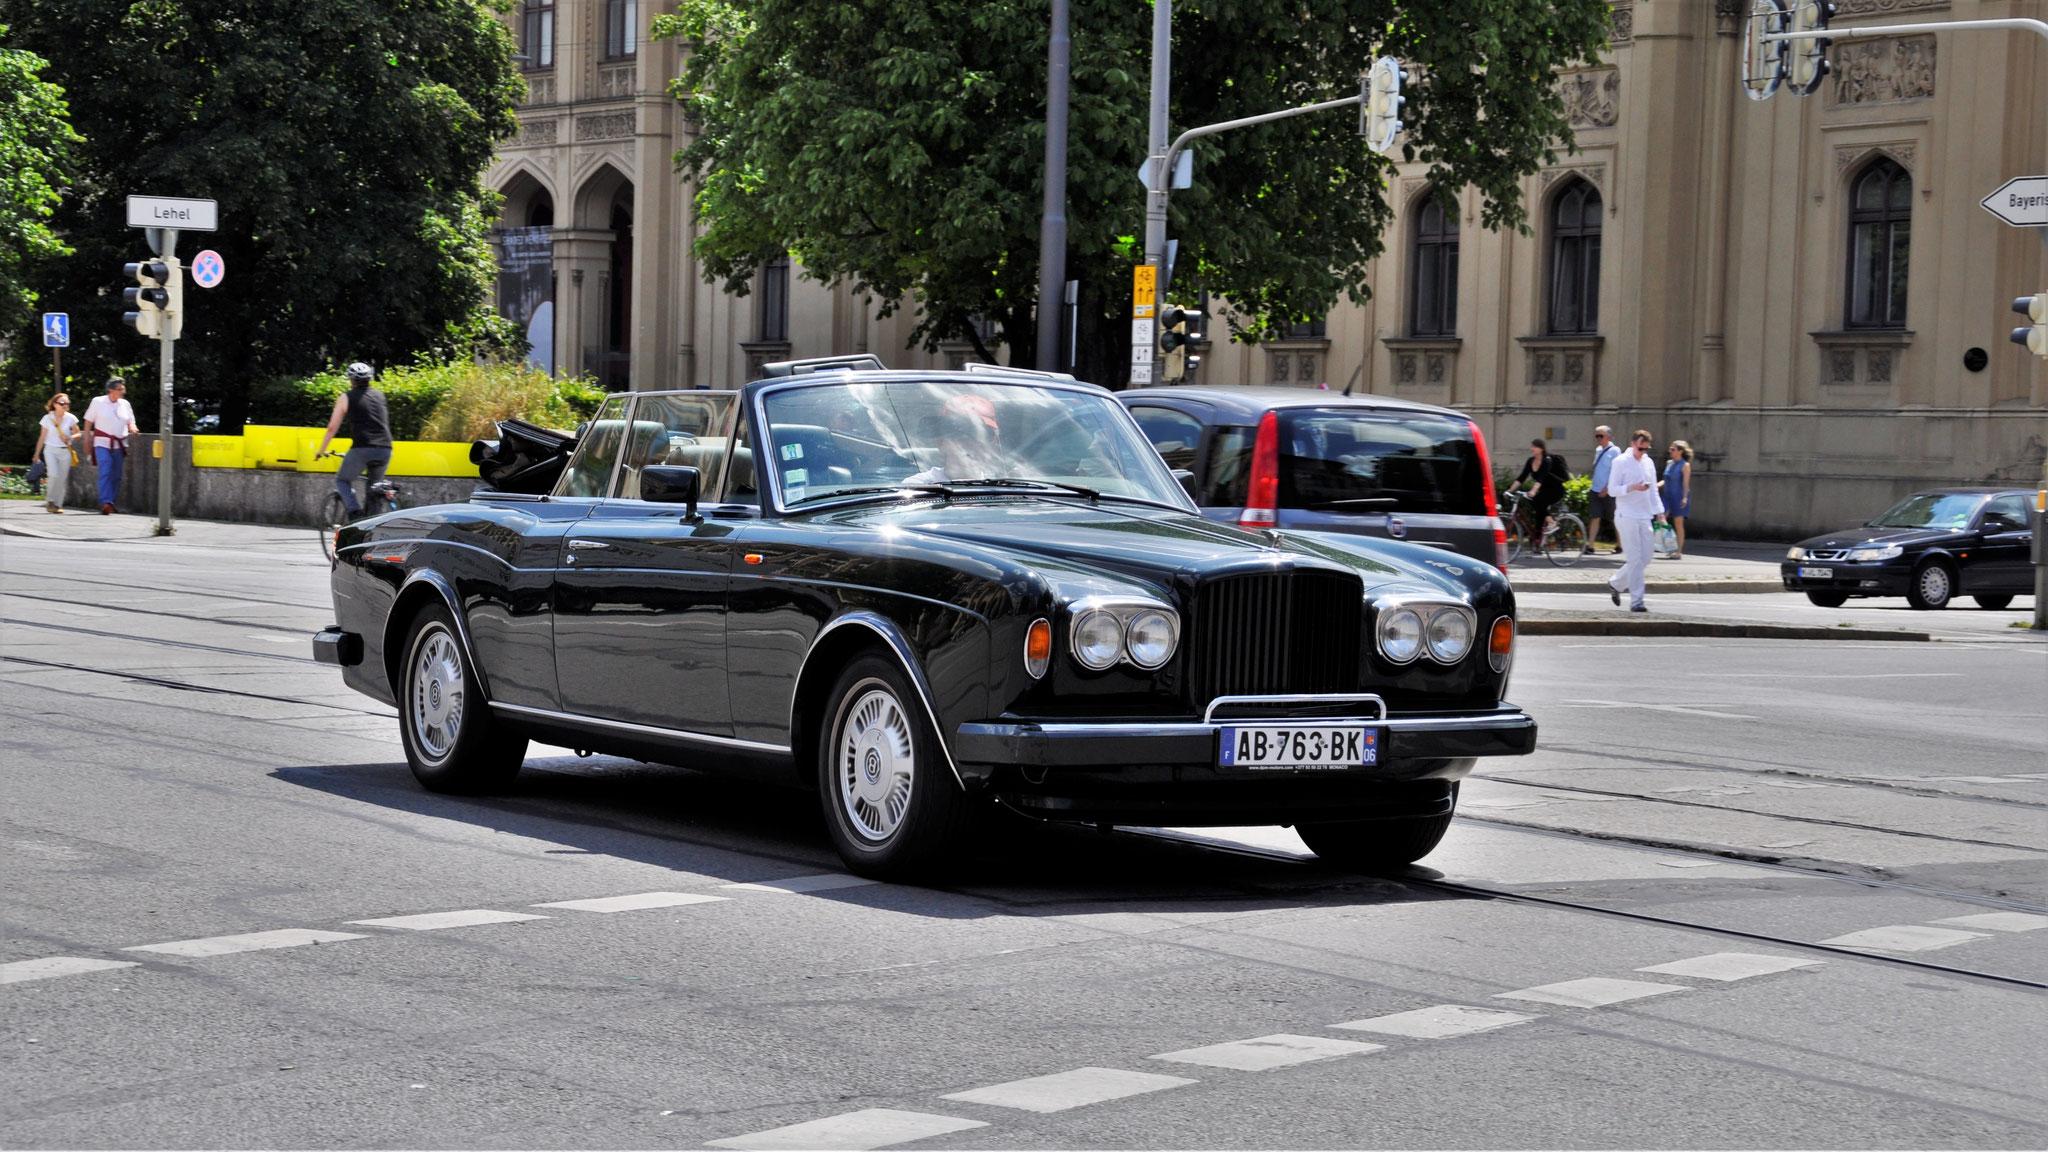 Cabriolet - AB-763-BK-06 (FRA)